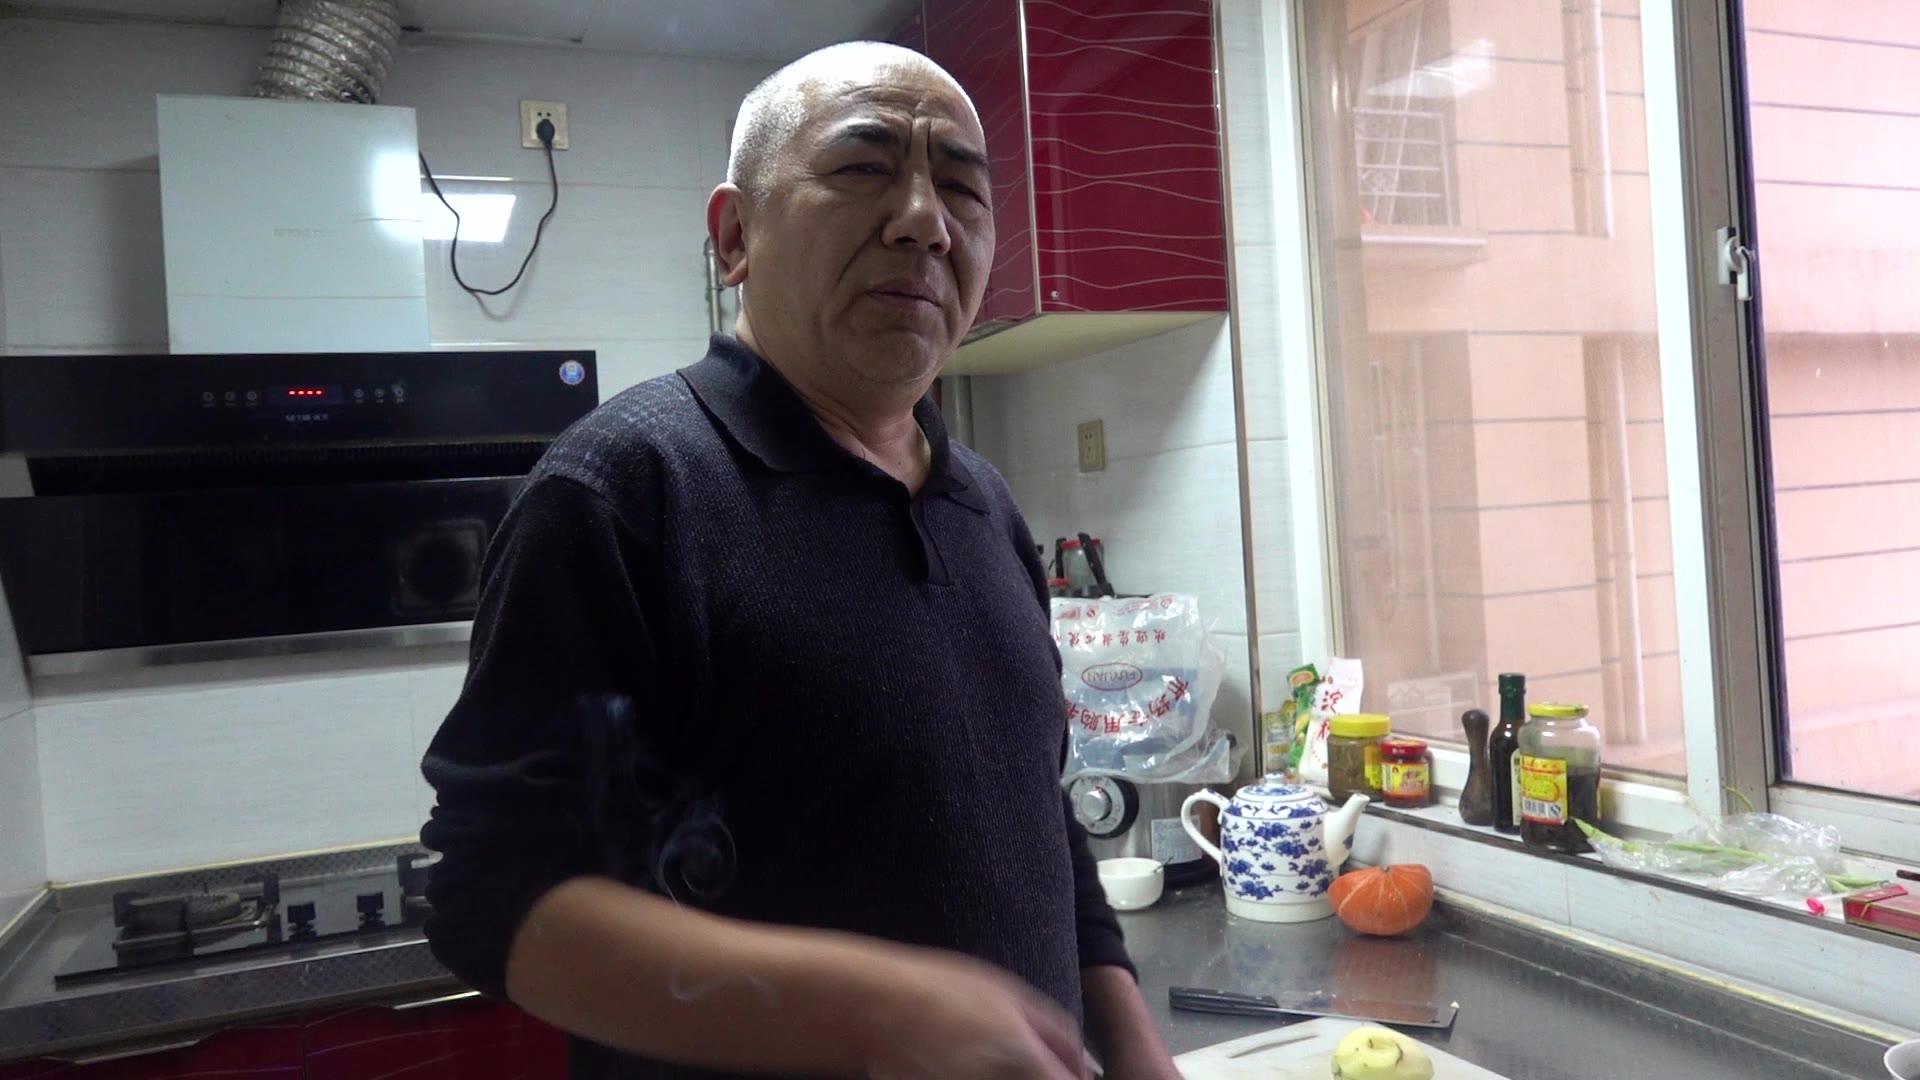 【老司马的日常食堂】自制胡辣汤泡油饼,吃起来爽爆了